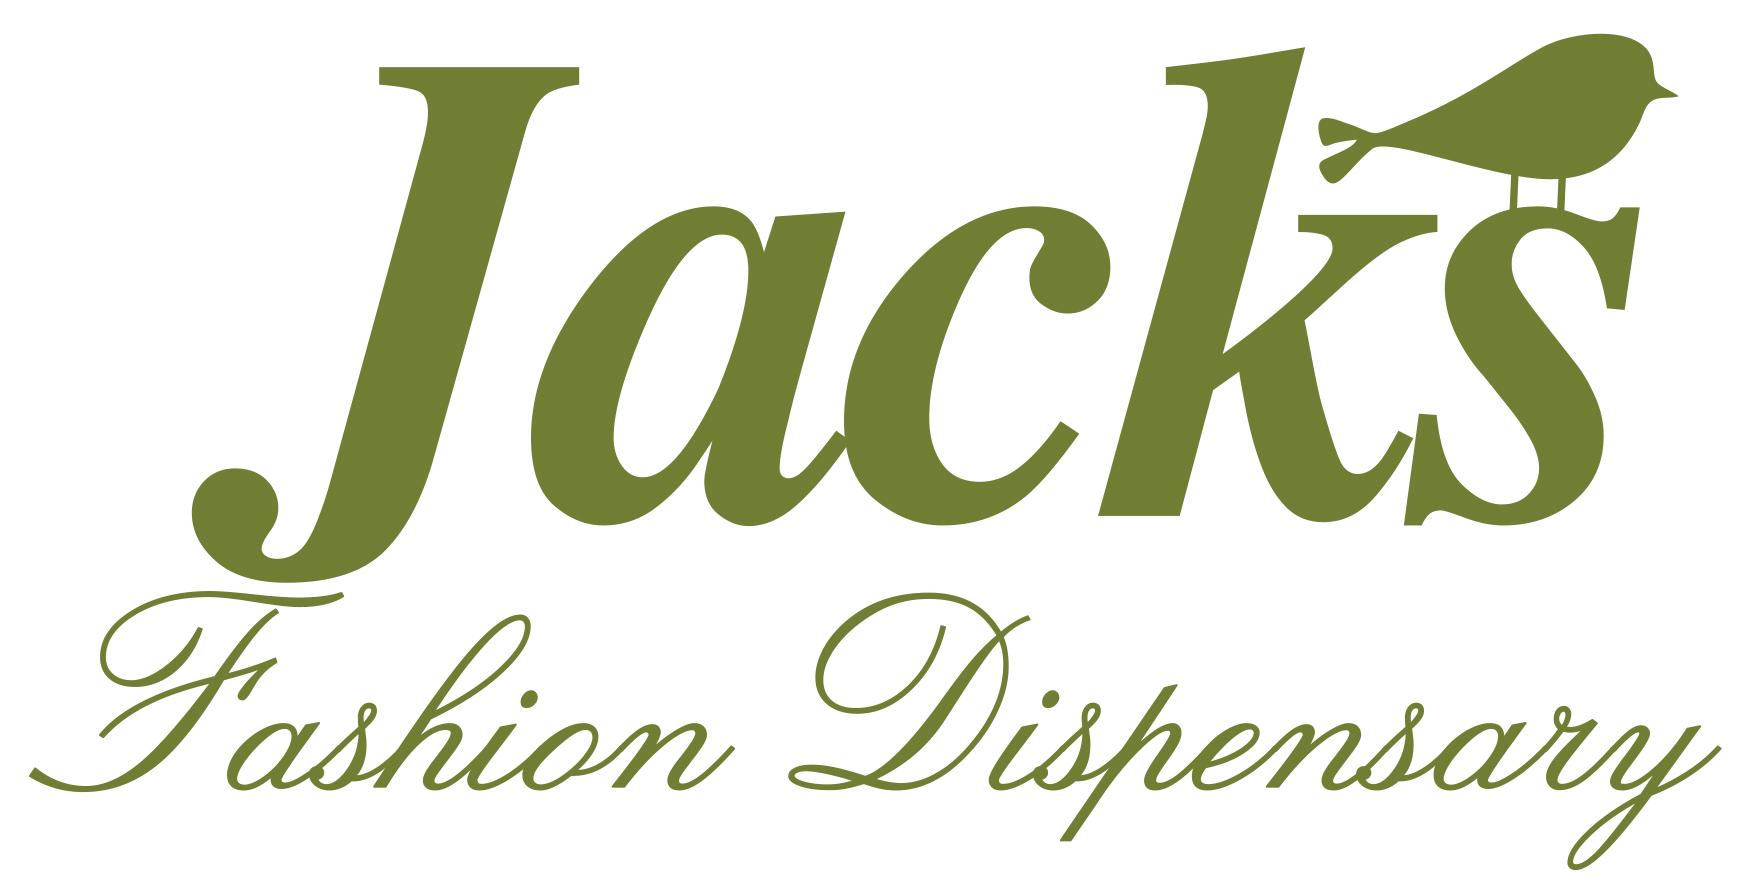 Jacks Clothing